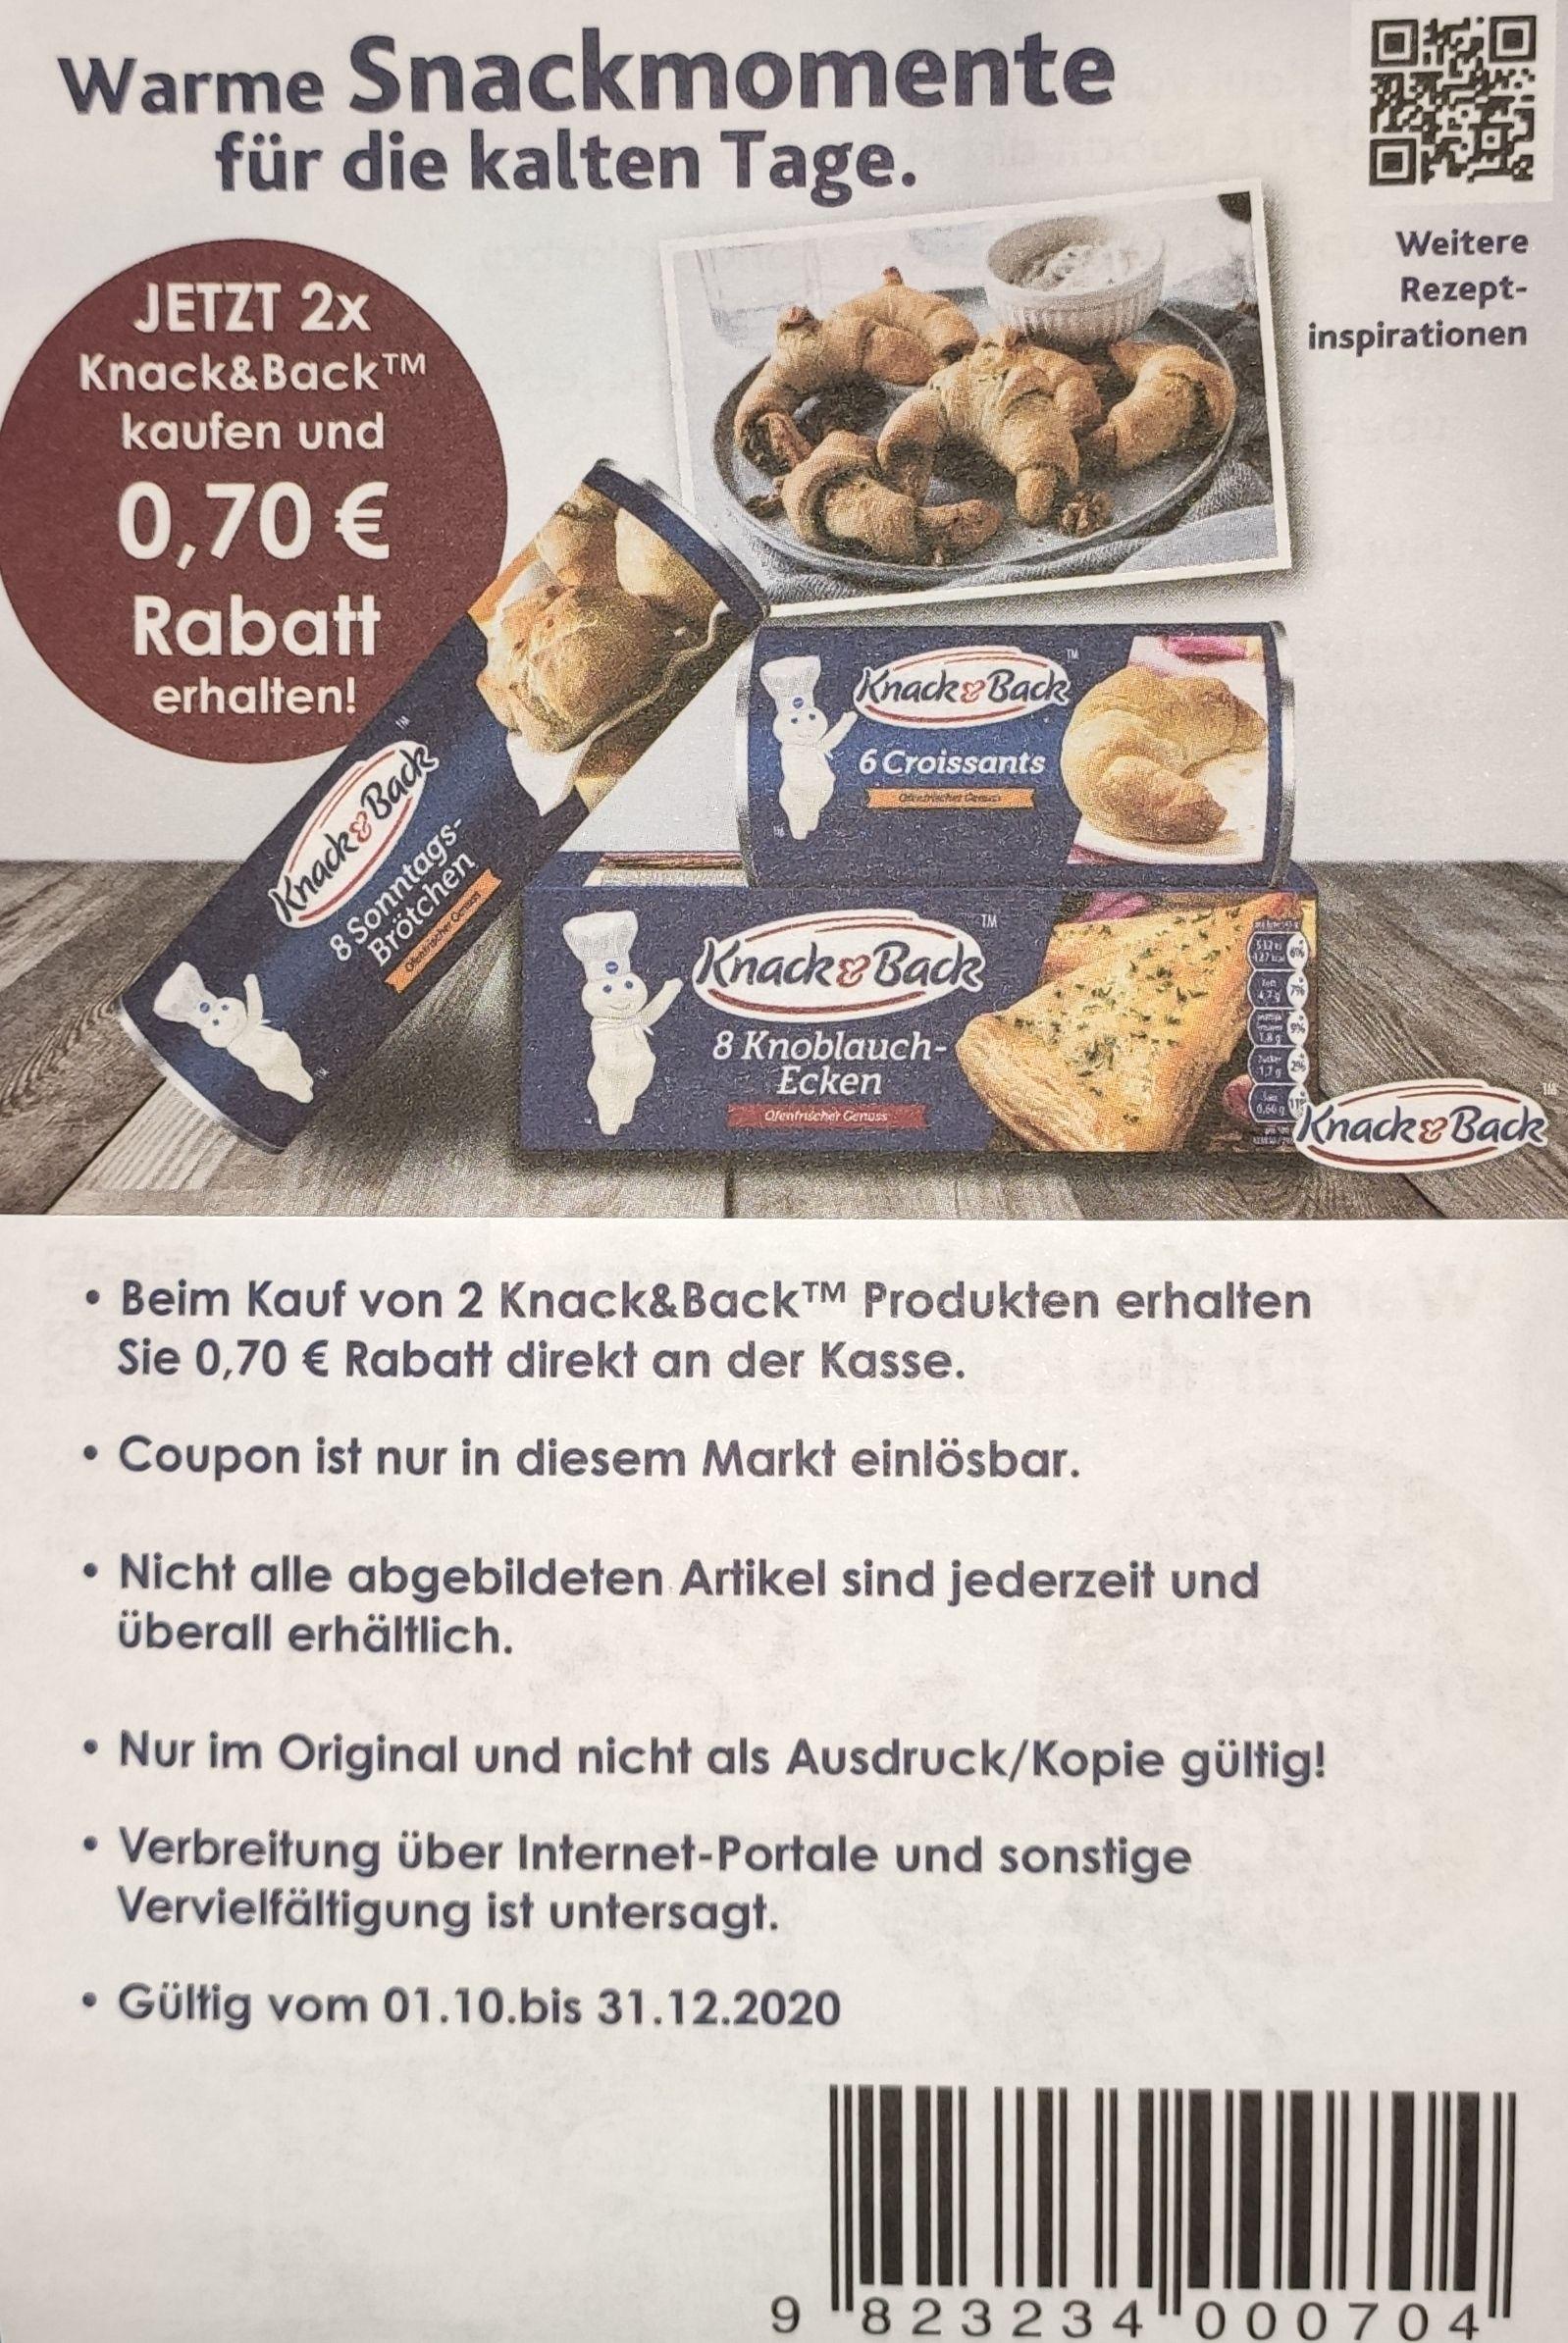 2x Knack & Back Produkte kaufen und mit Coupon 0,70€ Rabatt erhalten